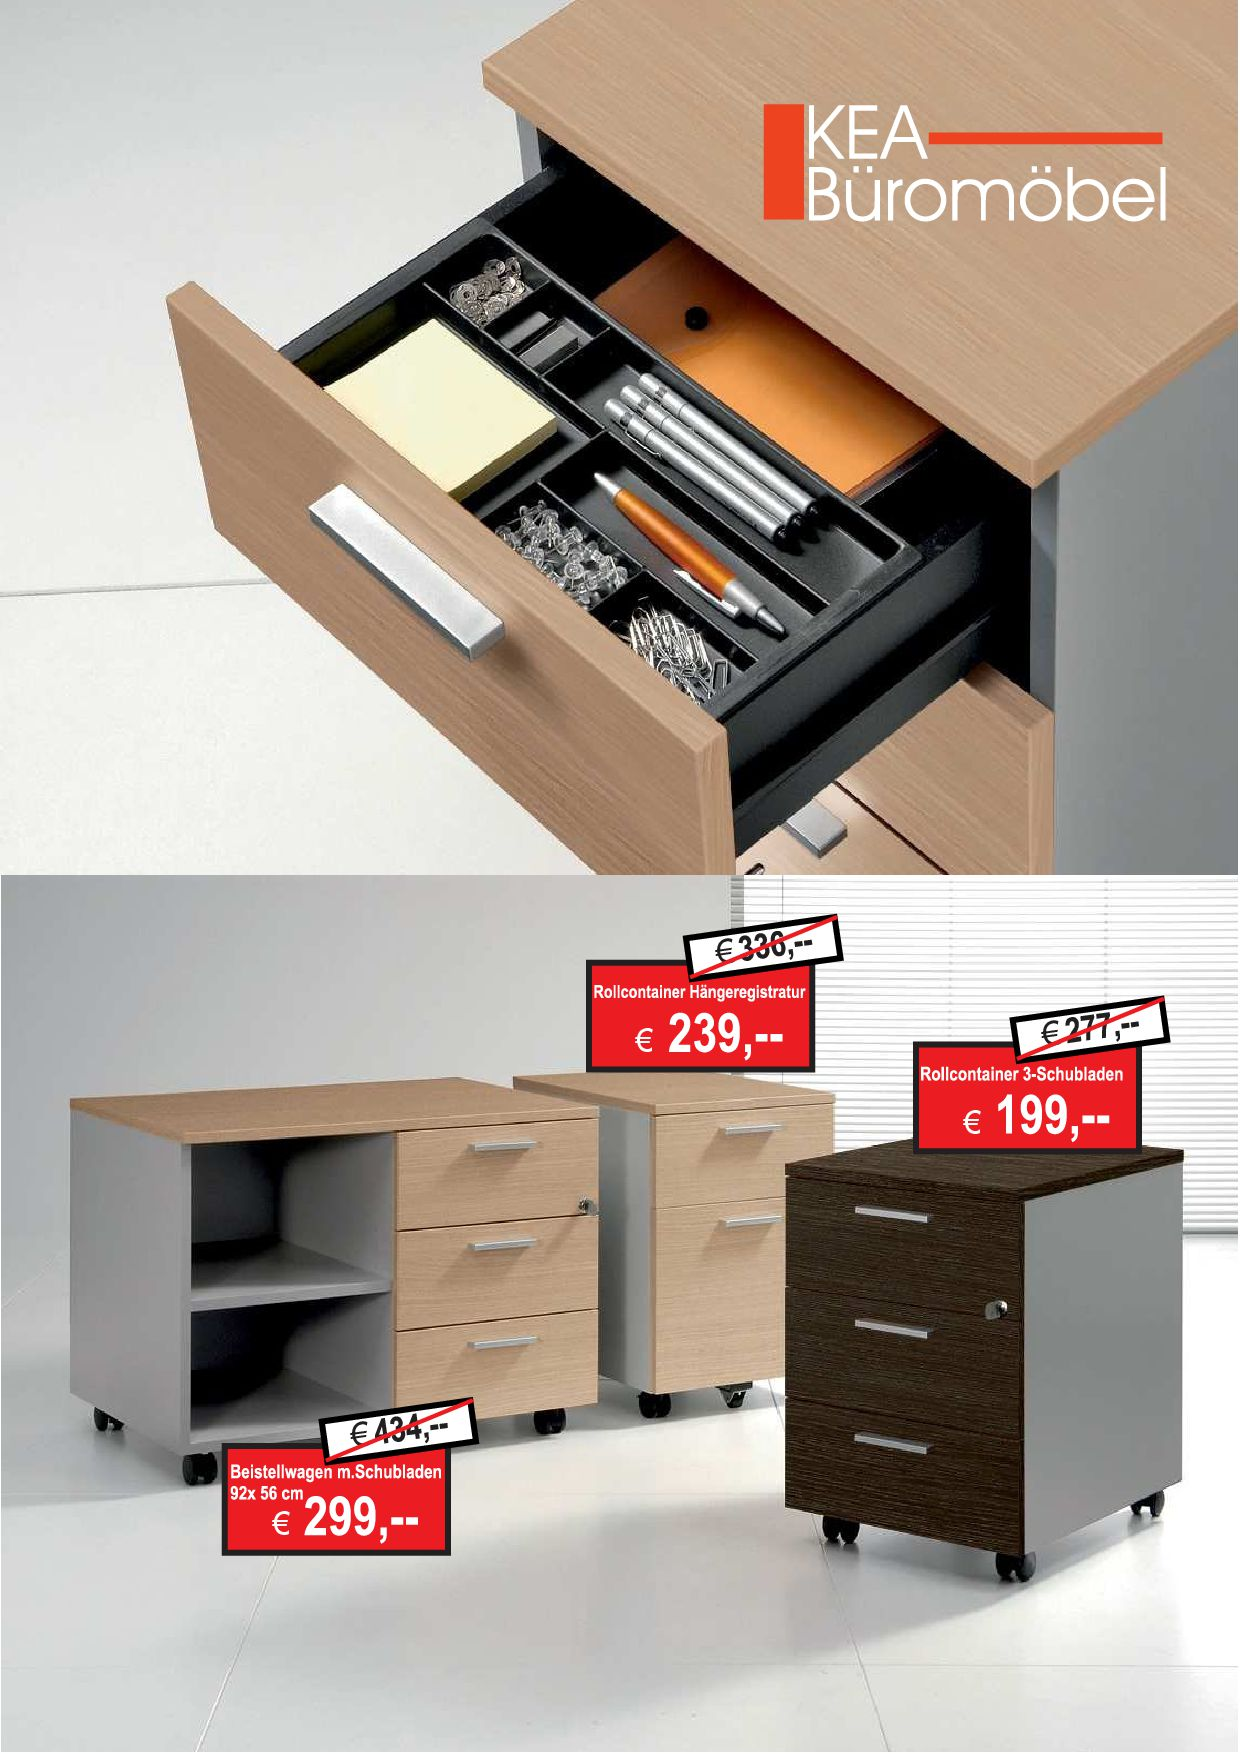 Angebot Büromöbel aus der Kollektion KEA Büromöbel von der Firma HKB Büroeinrichtungen GmbH Husum